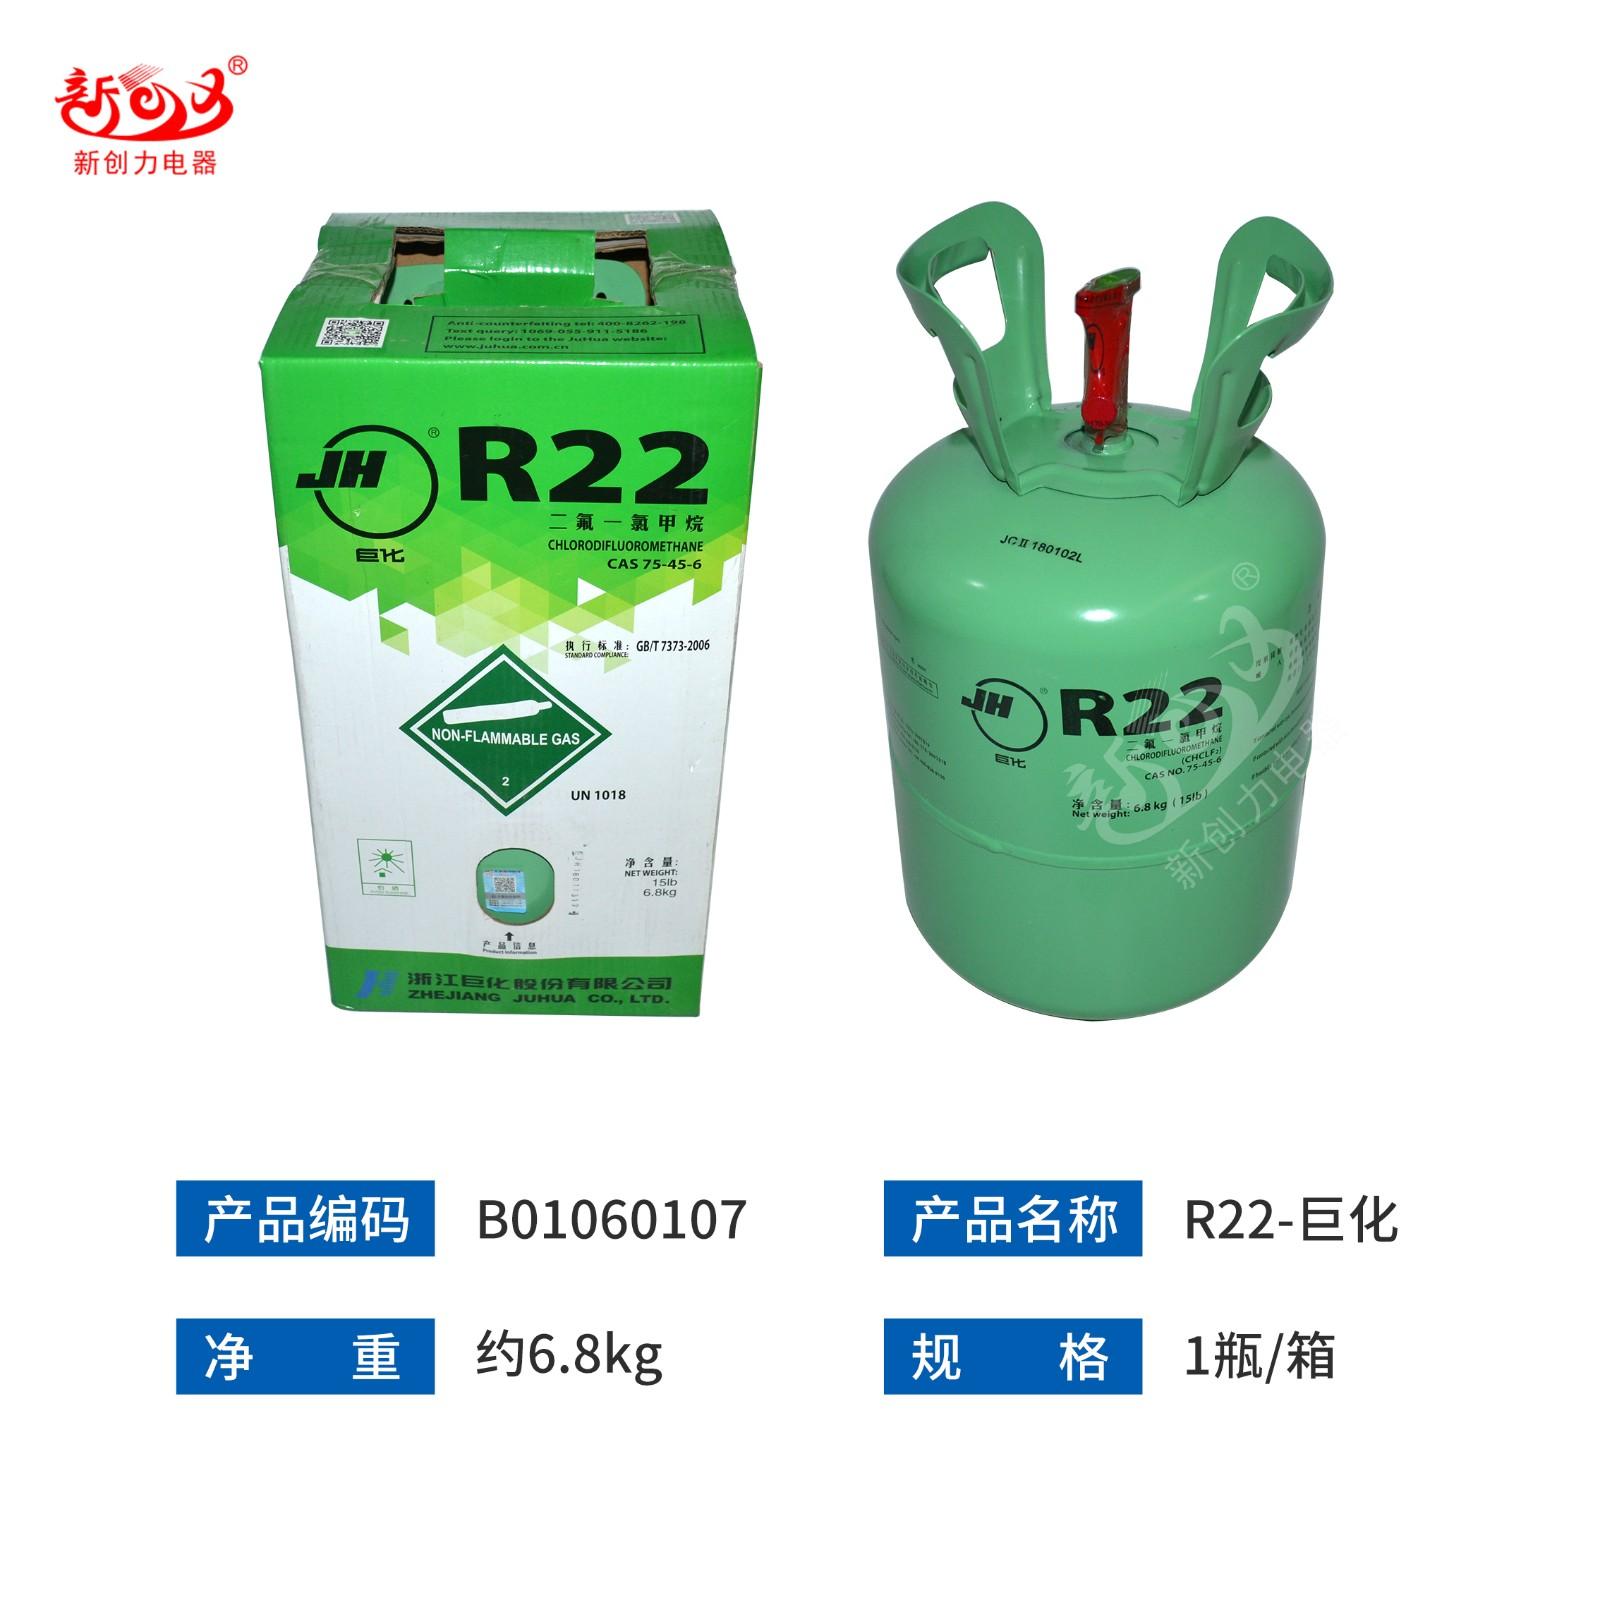 空调-雪种-R22-6.8KG中文包装-巨化(DX)